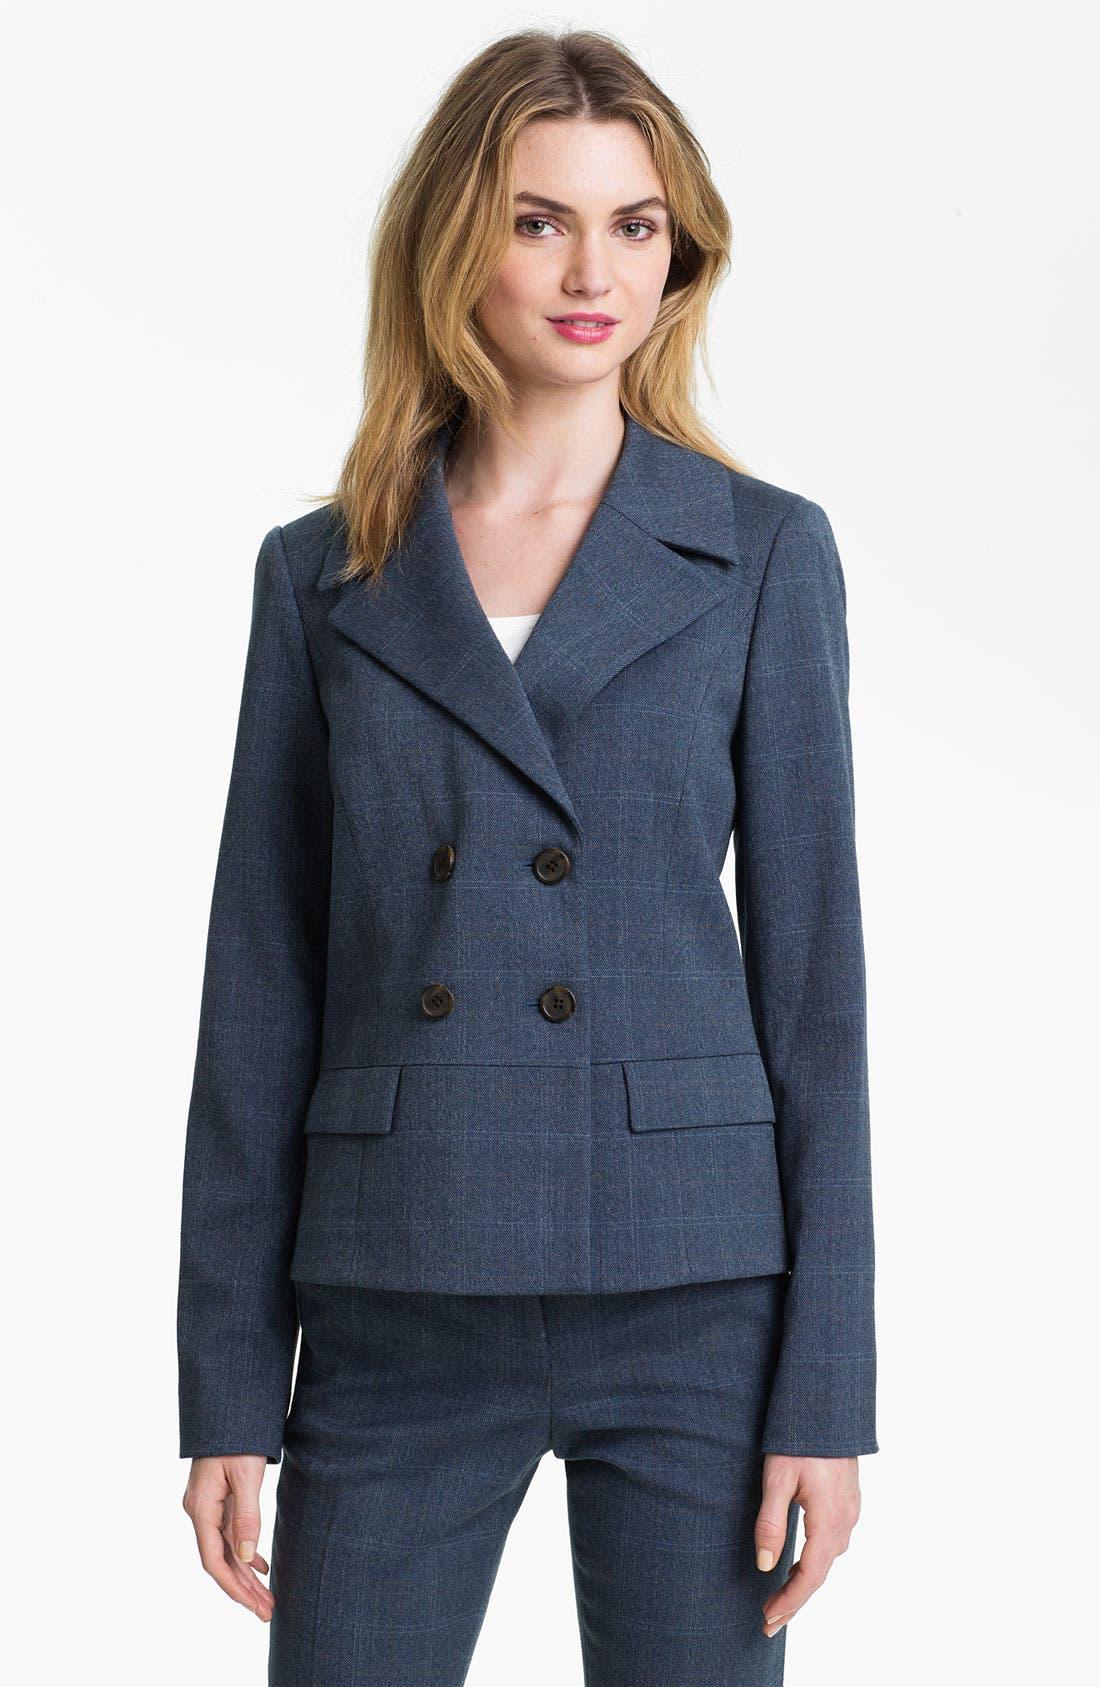 Main Image - Anne Klein Patterned Menswear Jacket